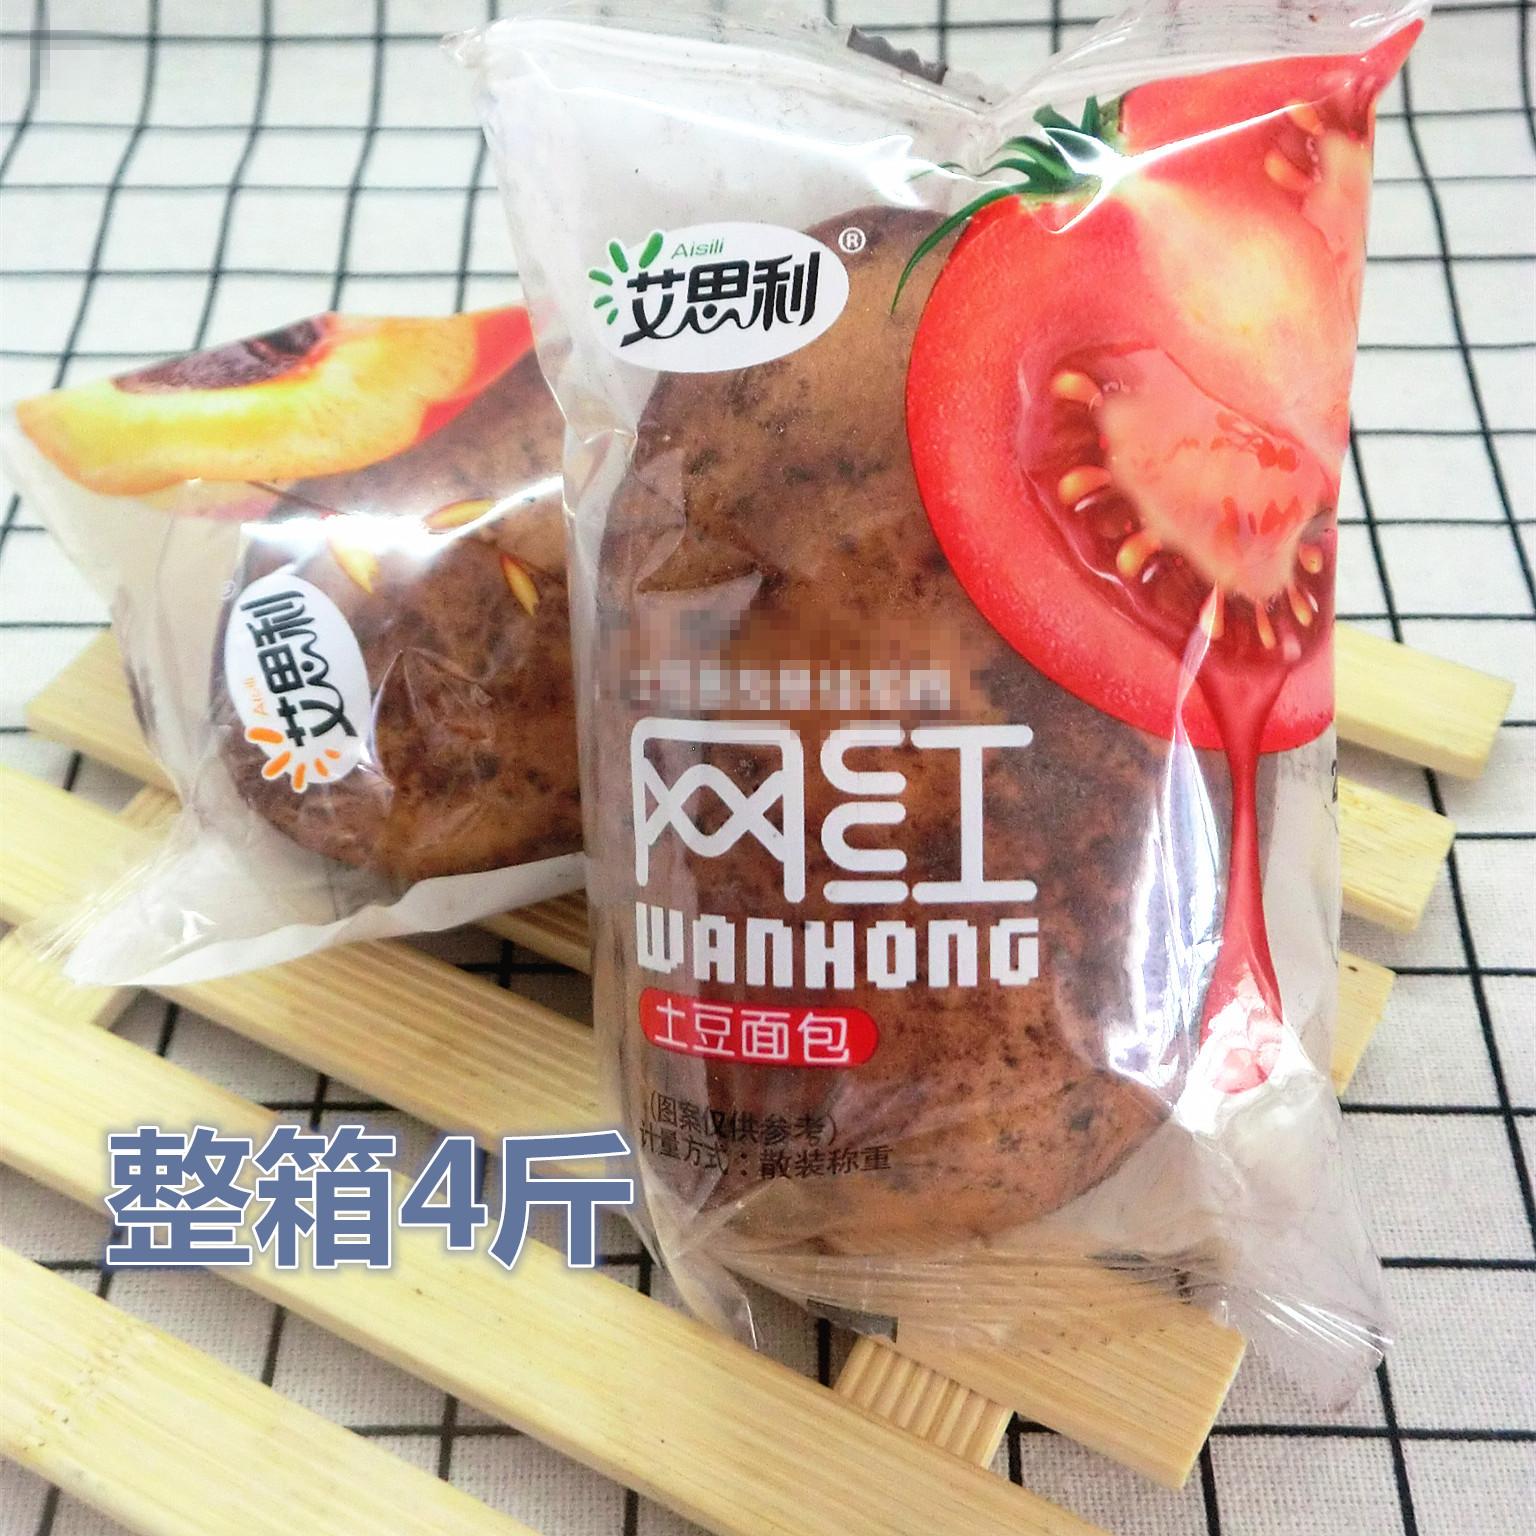 艾思利 网红土豆面包、番茄味黄桃酸奶面包 一箱4斤多省包邮